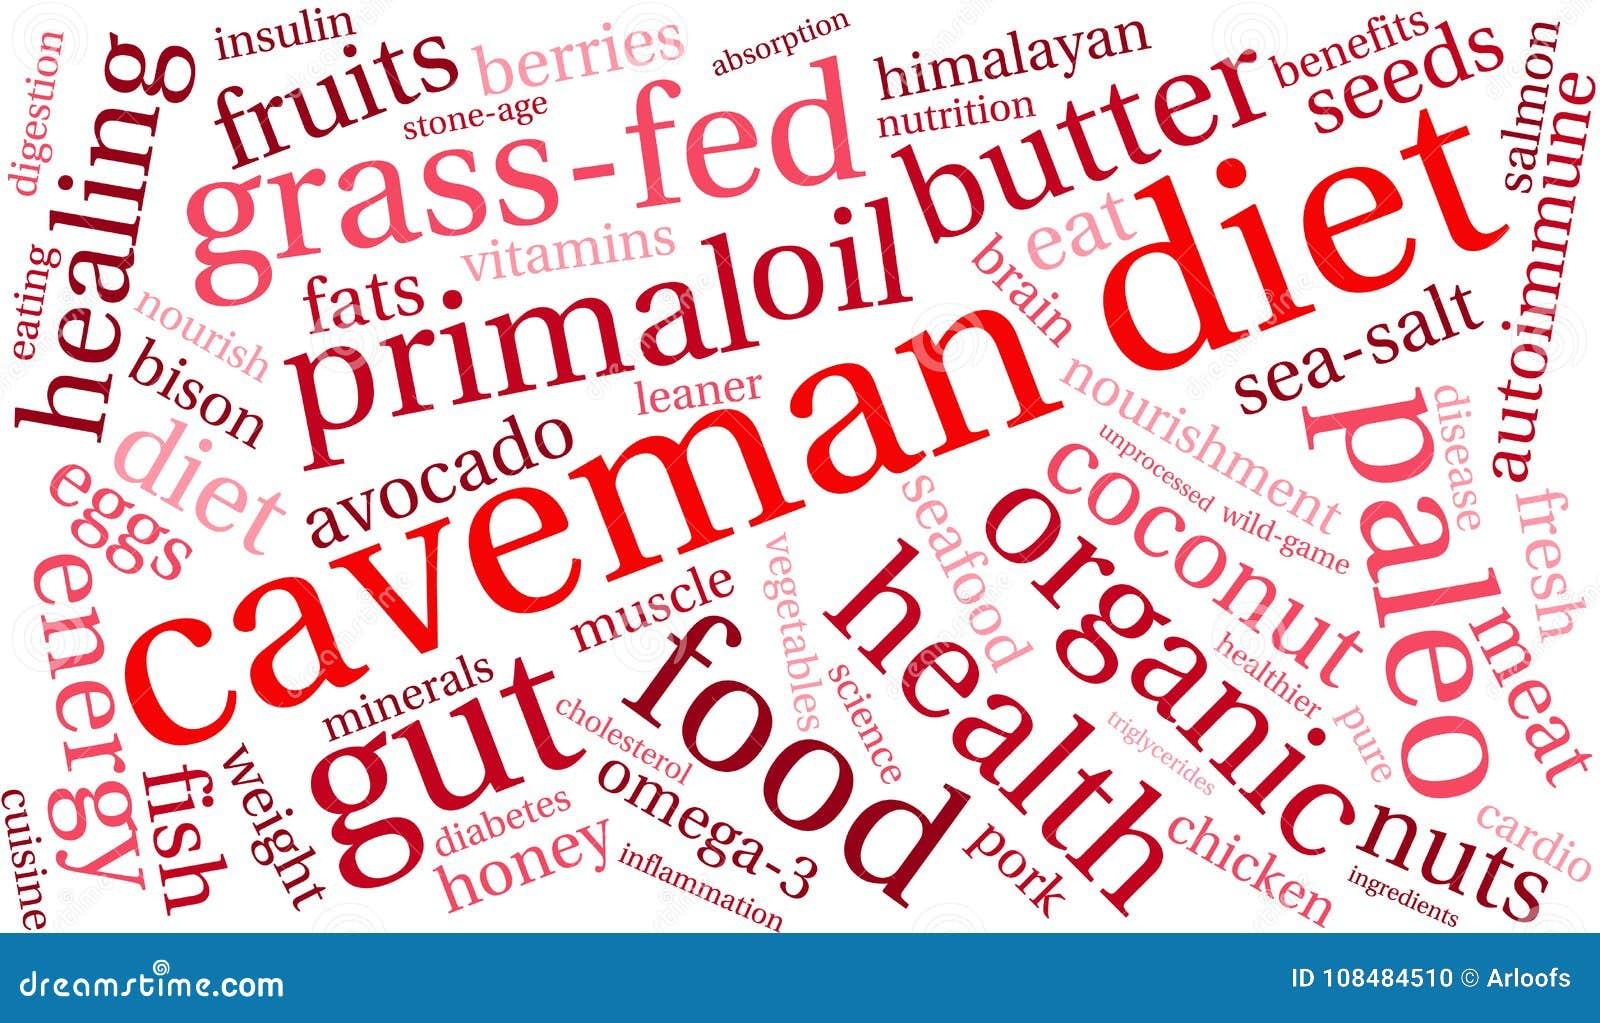 dieta del hombre de las cavernas y diabetes